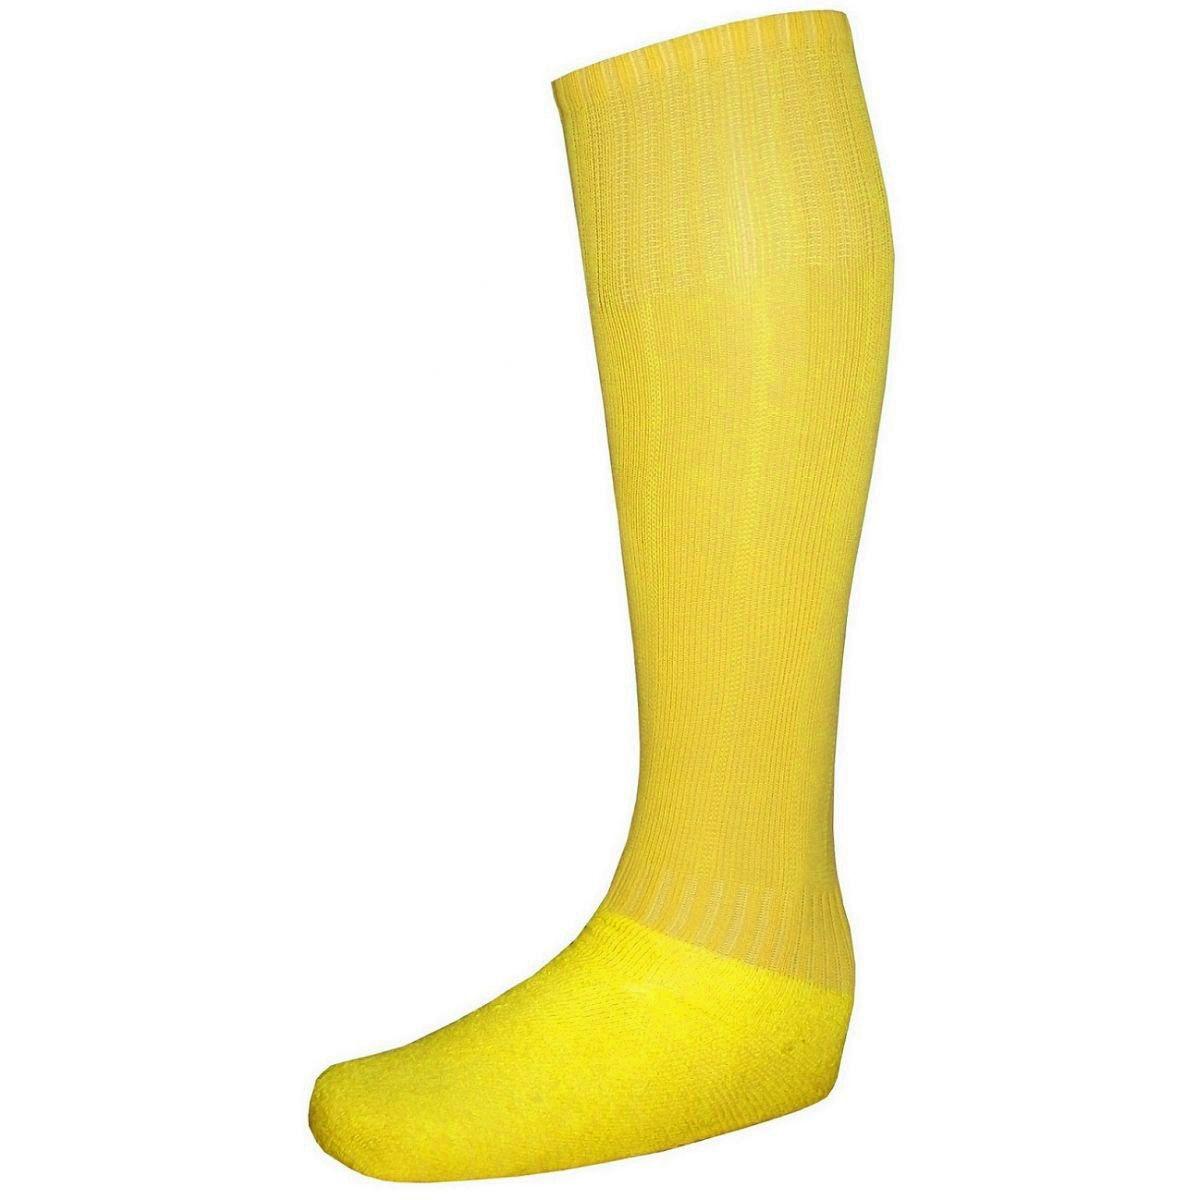 Kit com 30 Meiões de Futebol Profissional na Cor Amarelo - Delfia